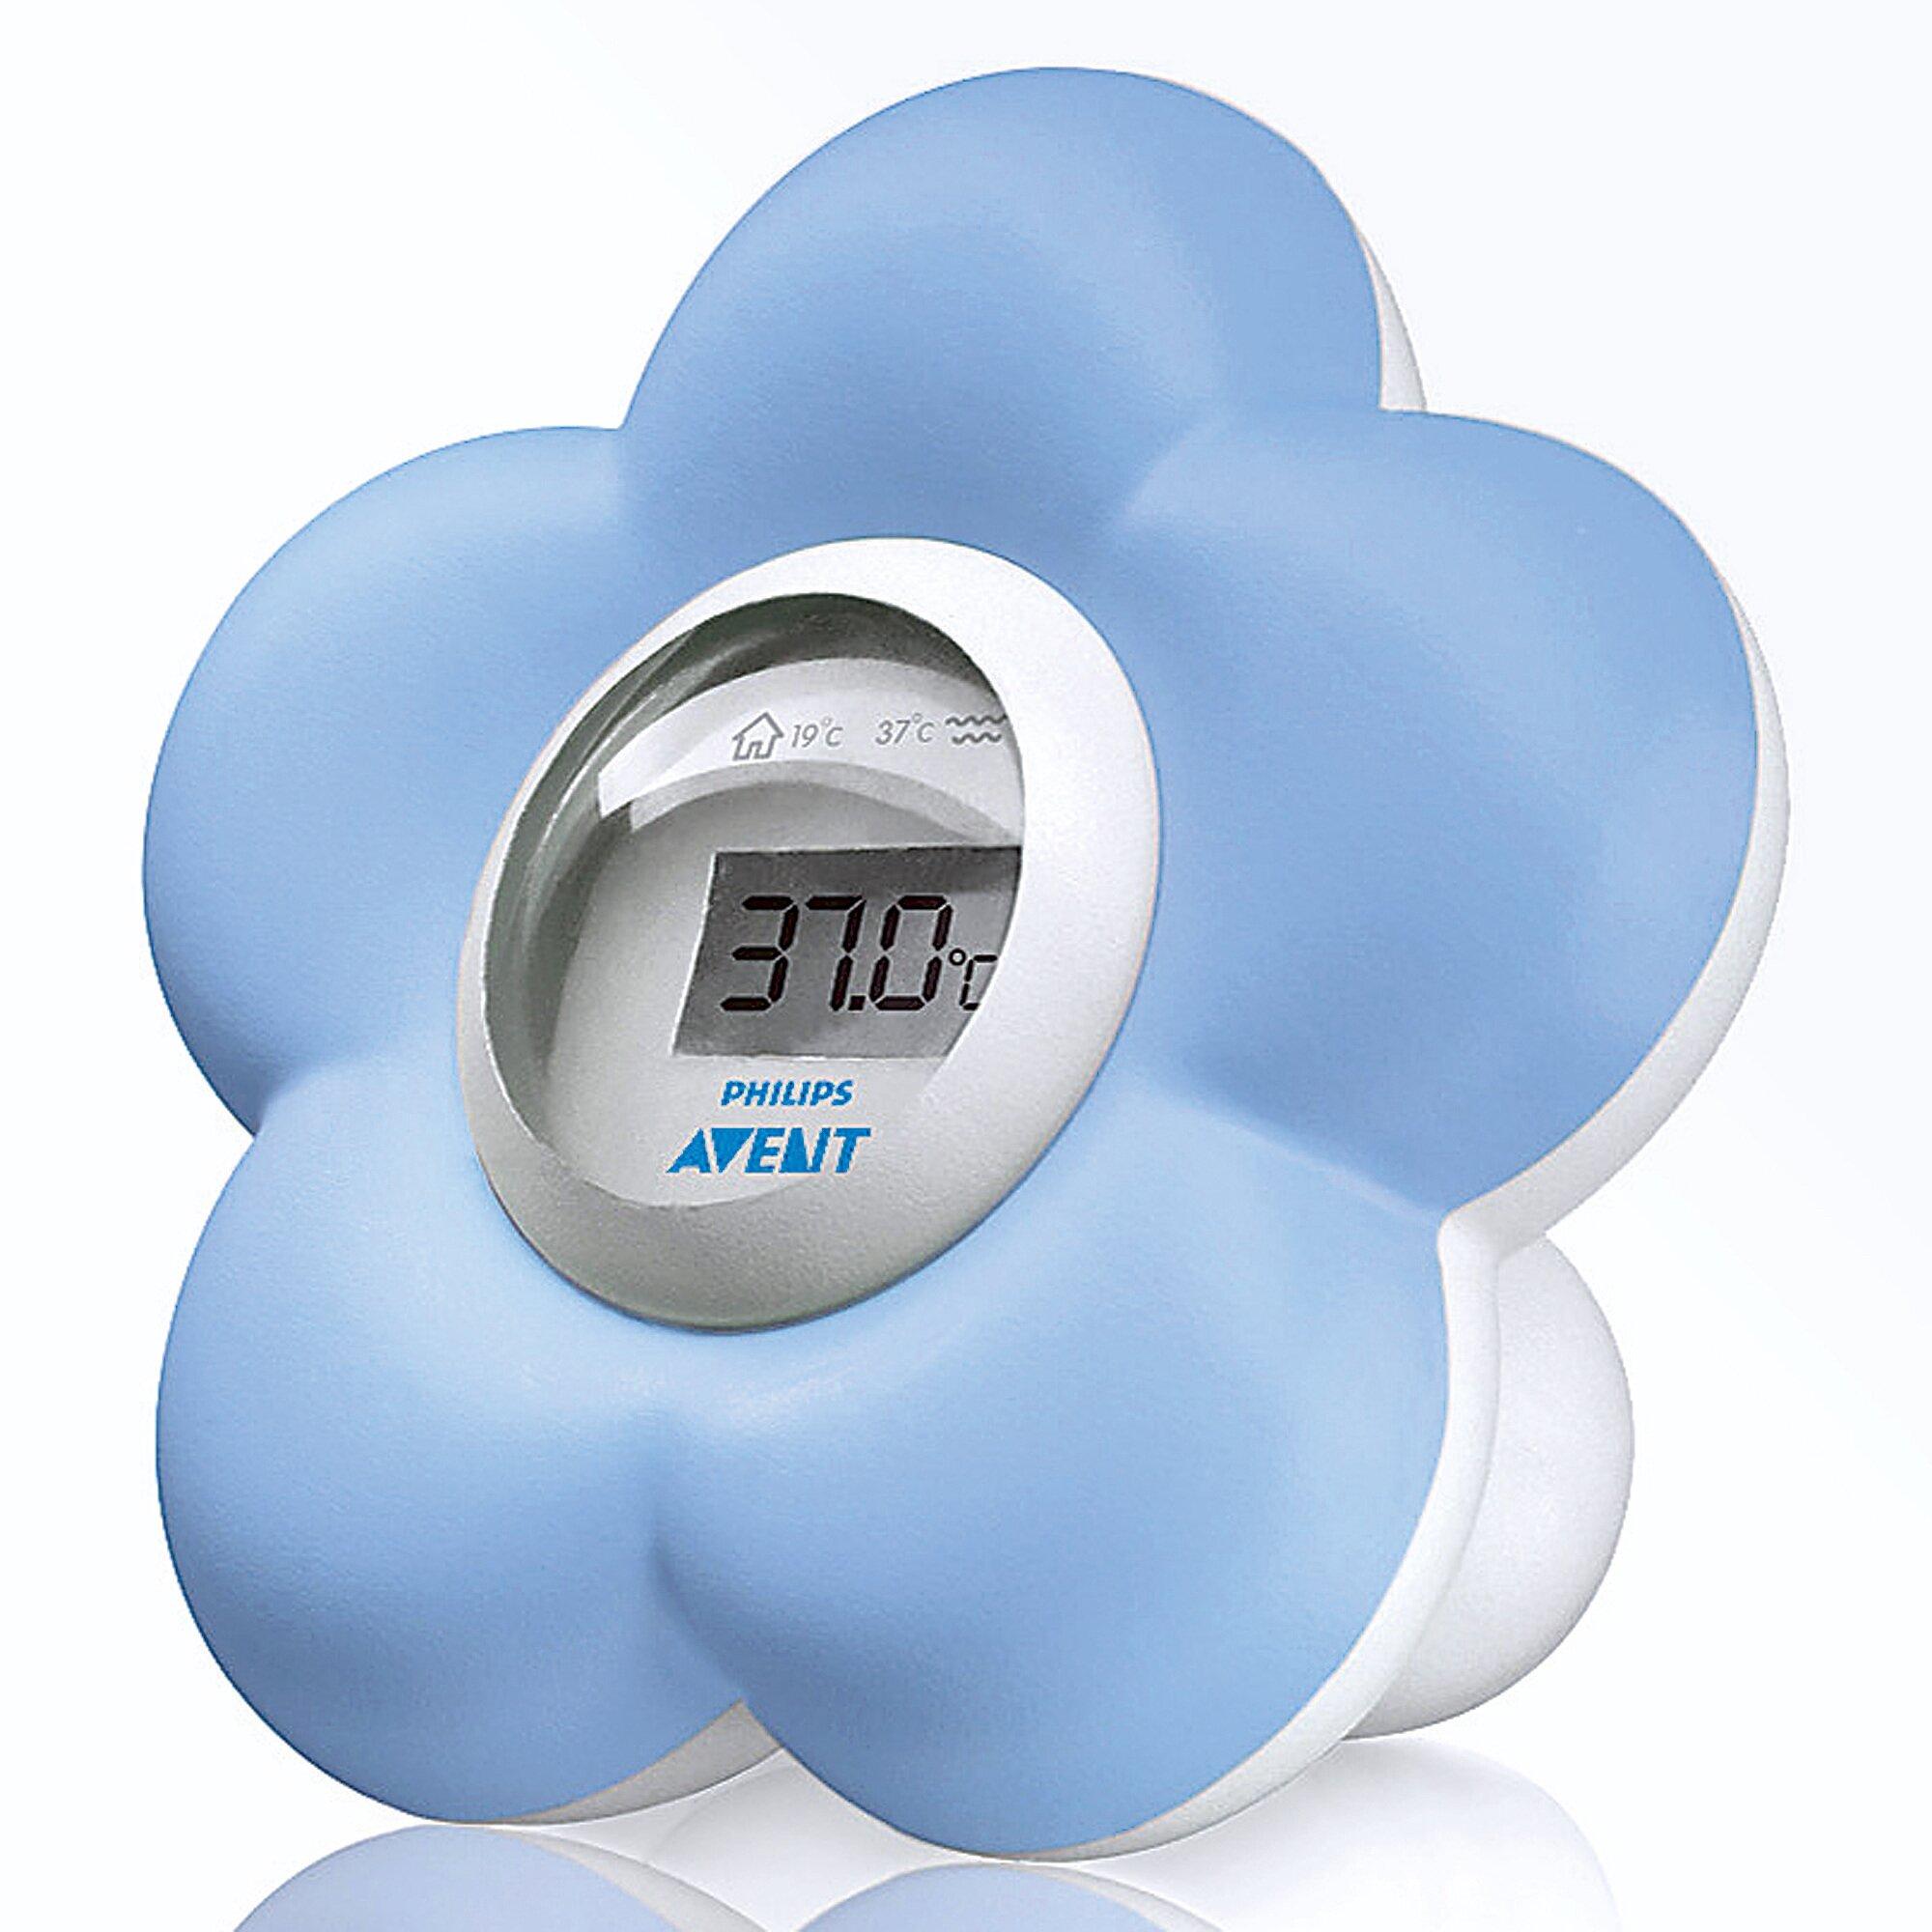 Philips Avent Raum- und Badethermometer, SCH550/20